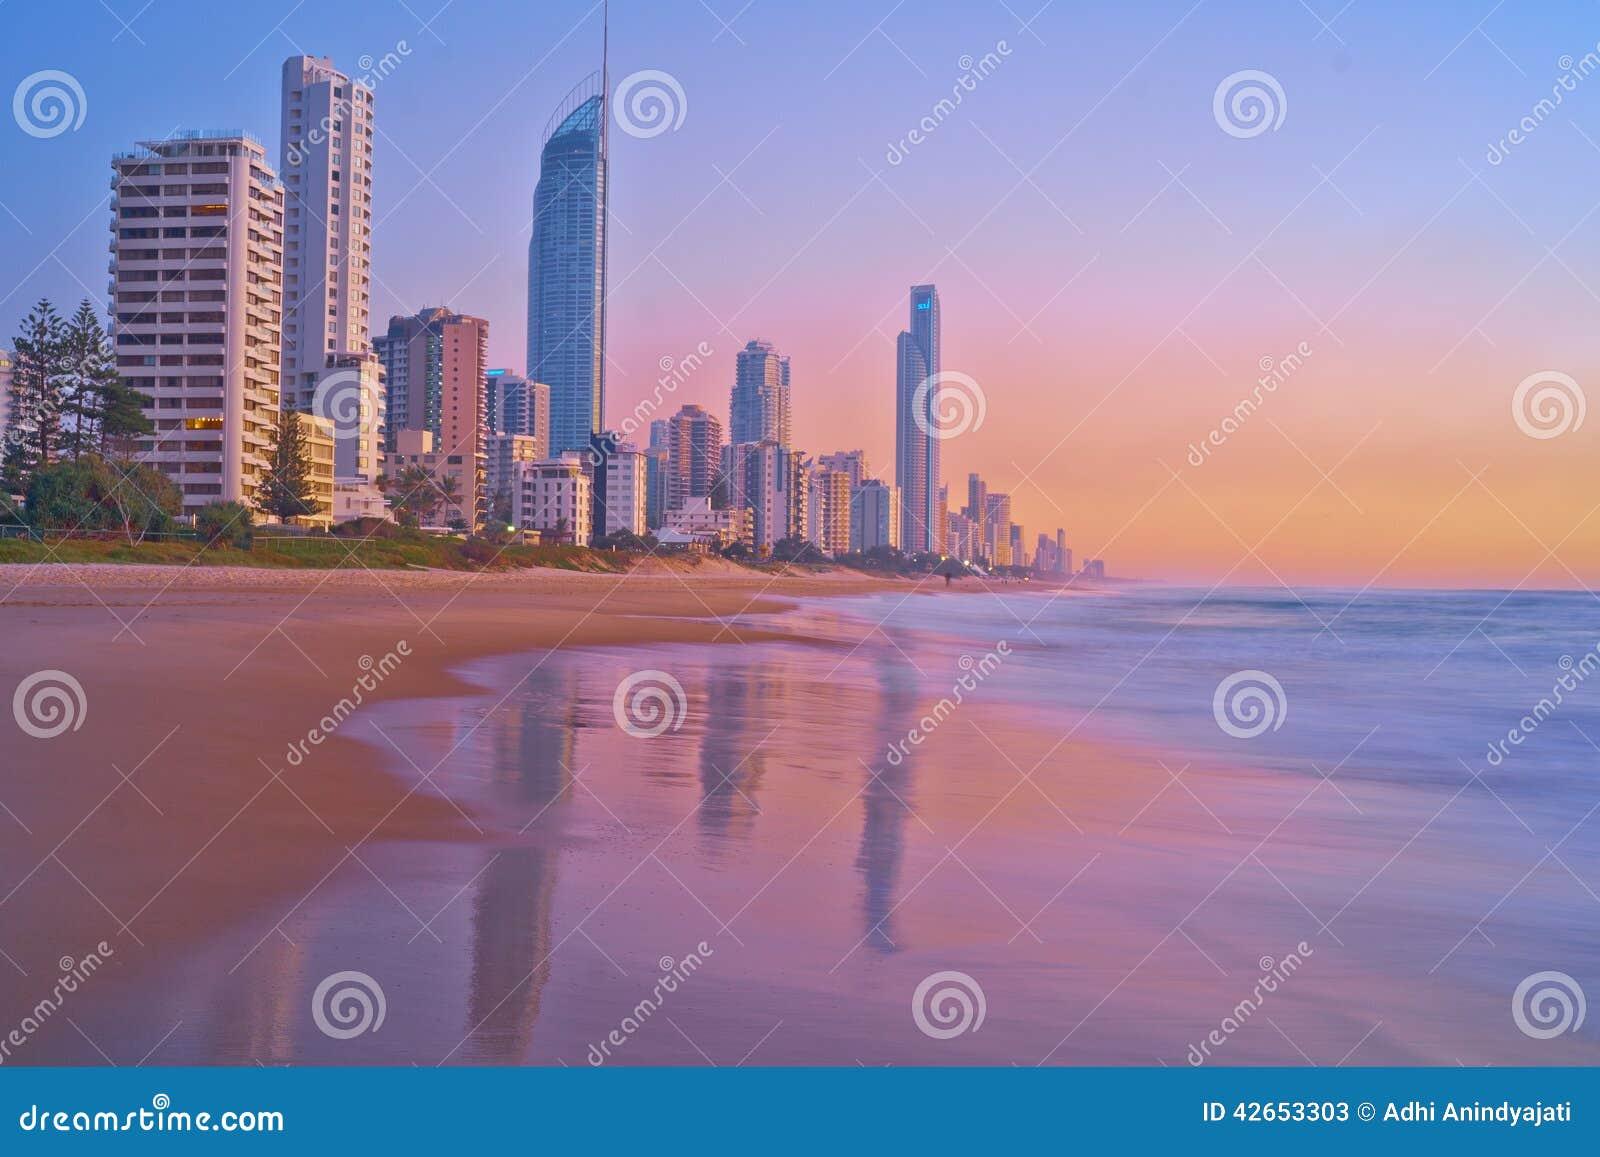 Dämmerung bei Gold Coast - Landschaft